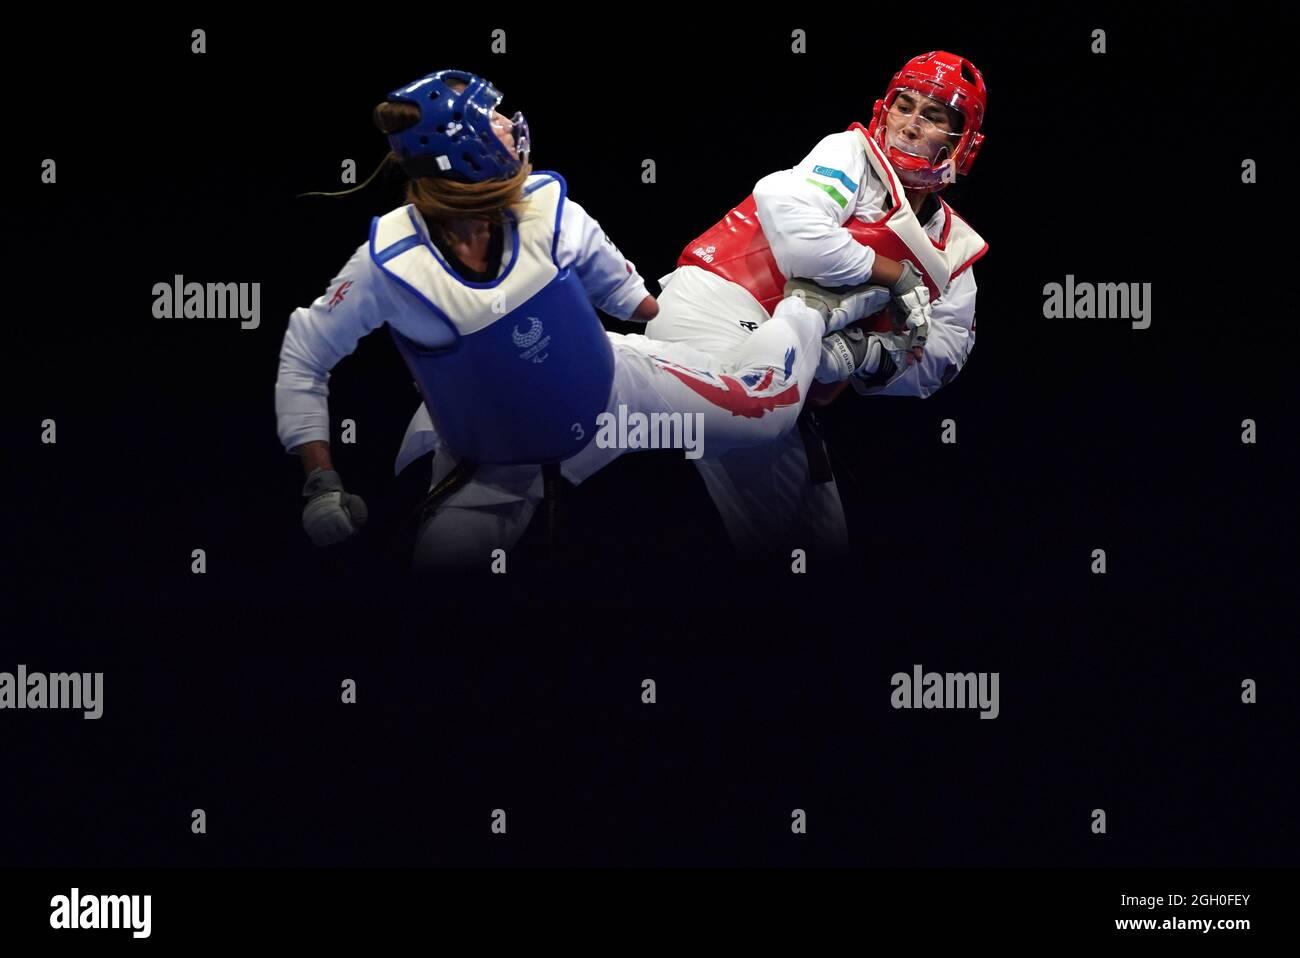 Amy Truesdale (a sinistra) di Gran Bretagna e Guljonoy Naimova gareggiano nella finale femminile K44 +58kg alla Makuhari Messe Hall il giorno 11 dei Giochi Paralimpici di Tokyo 2020 in Giappone. Data foto: Sabato 4 settembre 2021. Foto Stock